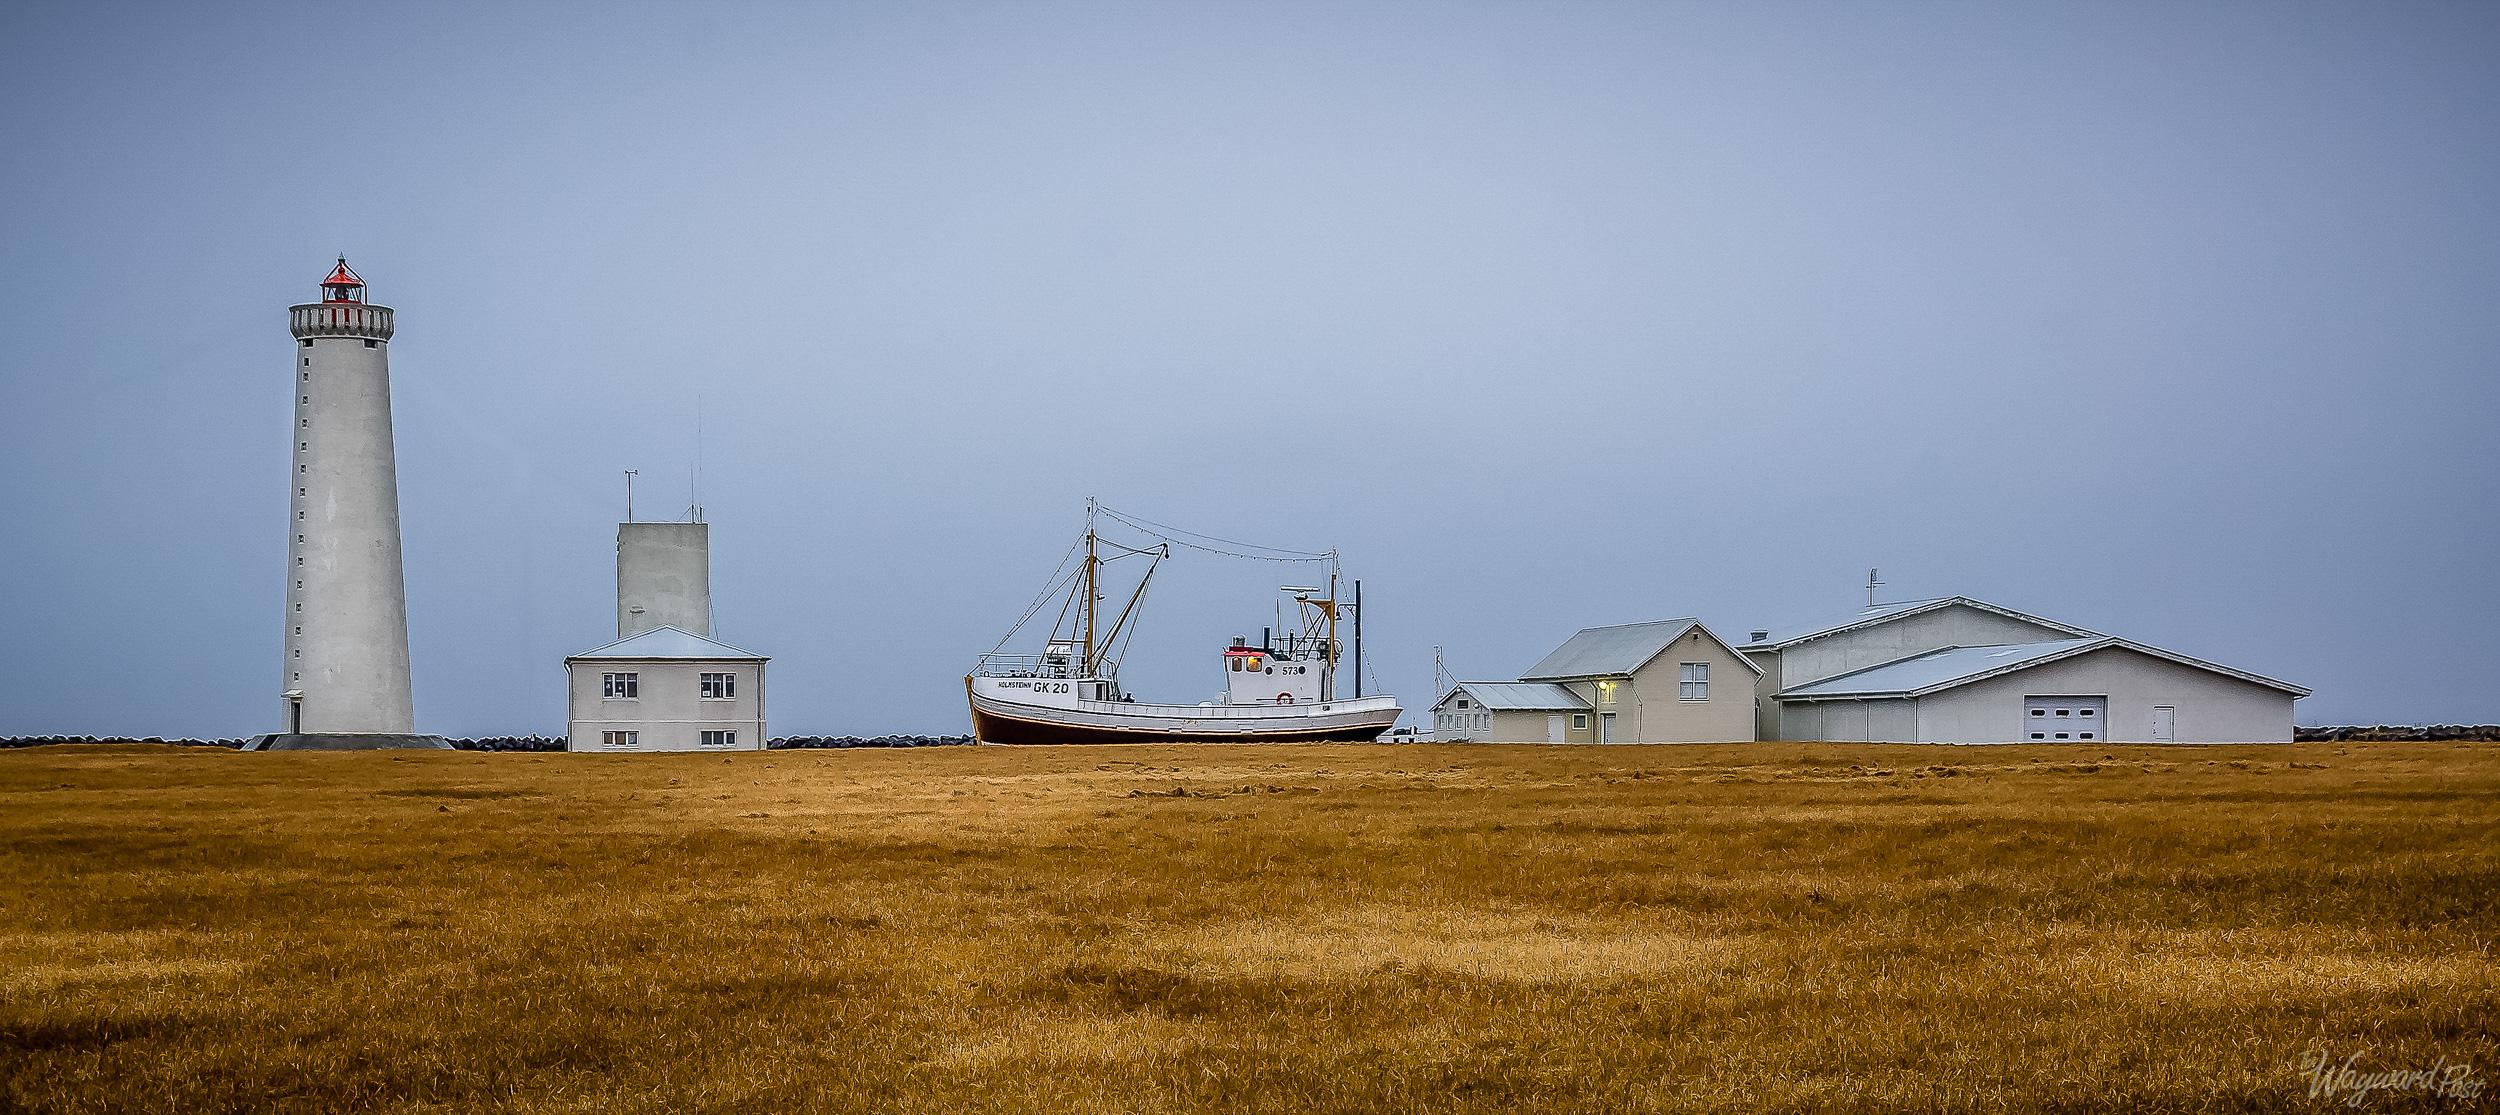 Iceland, Gardskagi,Lighthouse, Boat, The Wayward Post